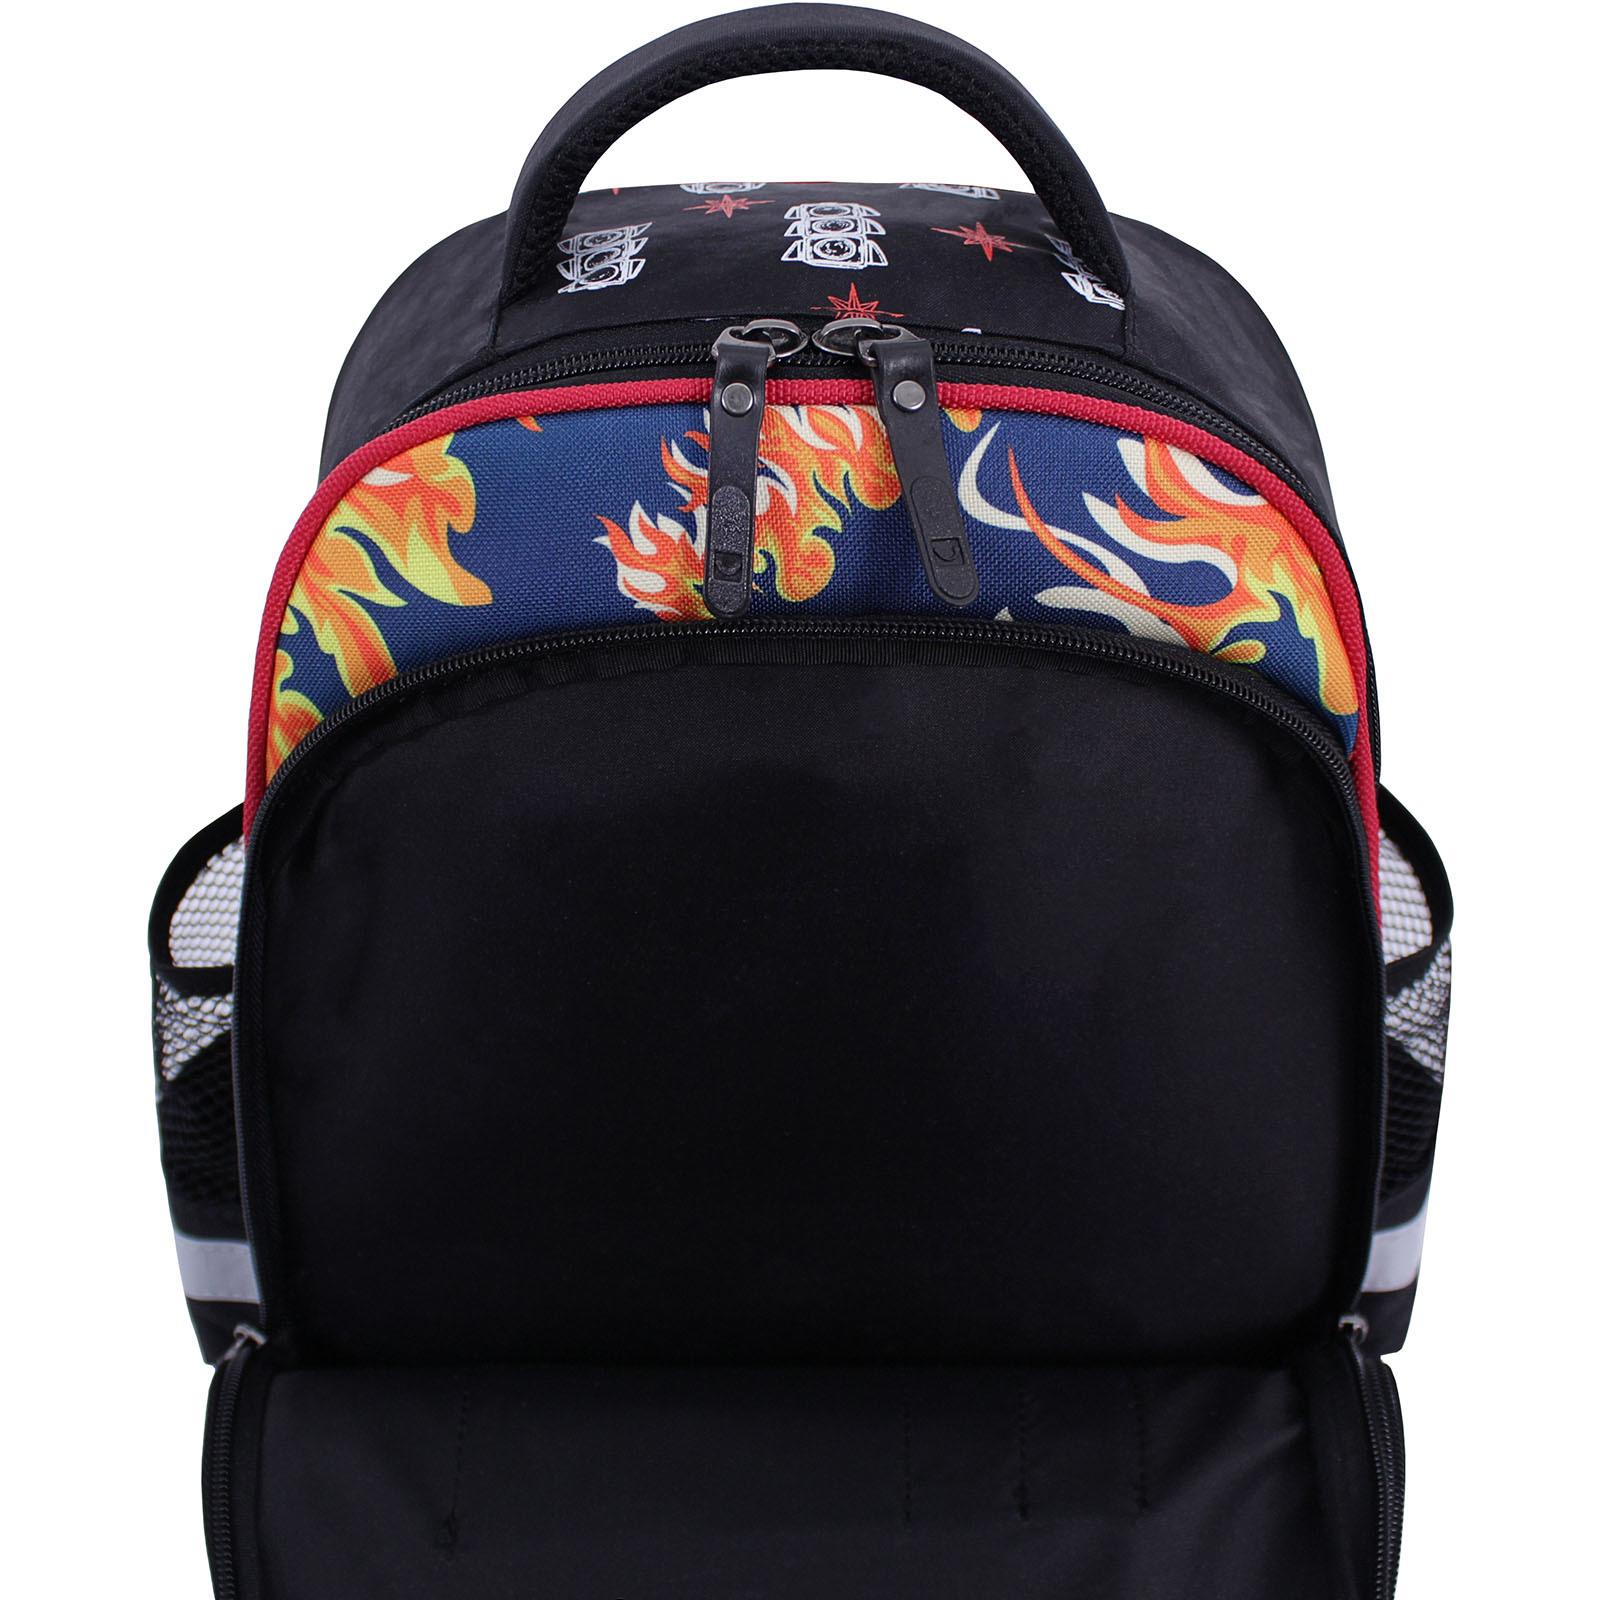 Рюкзак школьный Bagland Mouse черный 500 (0051370) фото 3